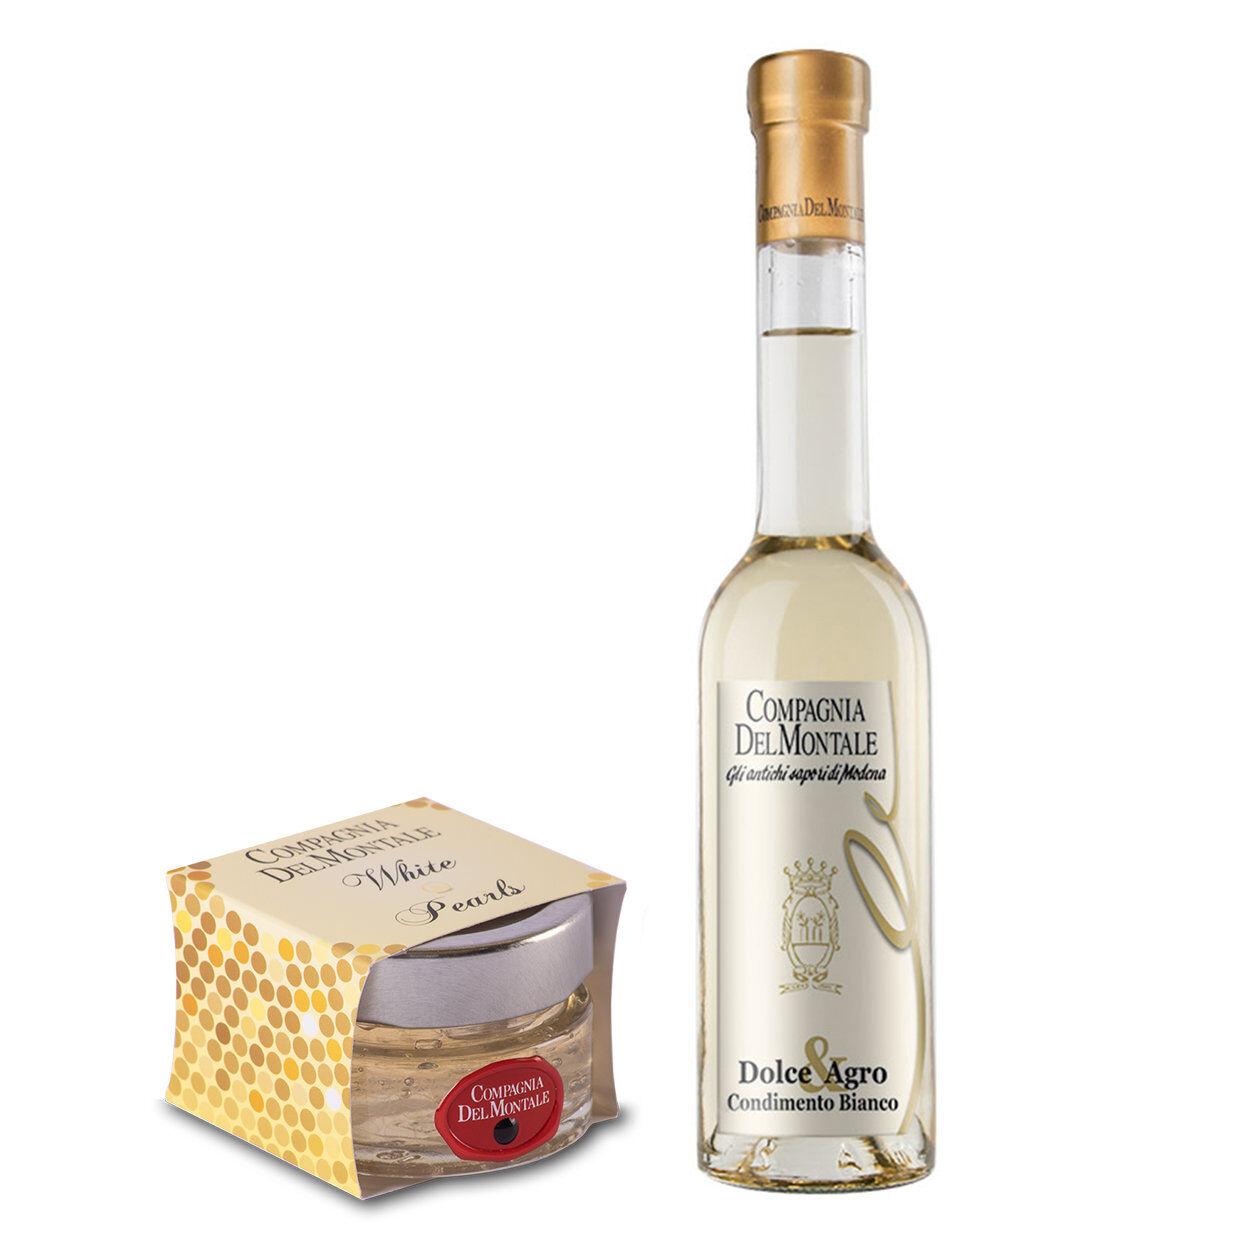 Compagnia del Montale 2 prodotti misti: Condimento Bianco - Perle Bianche